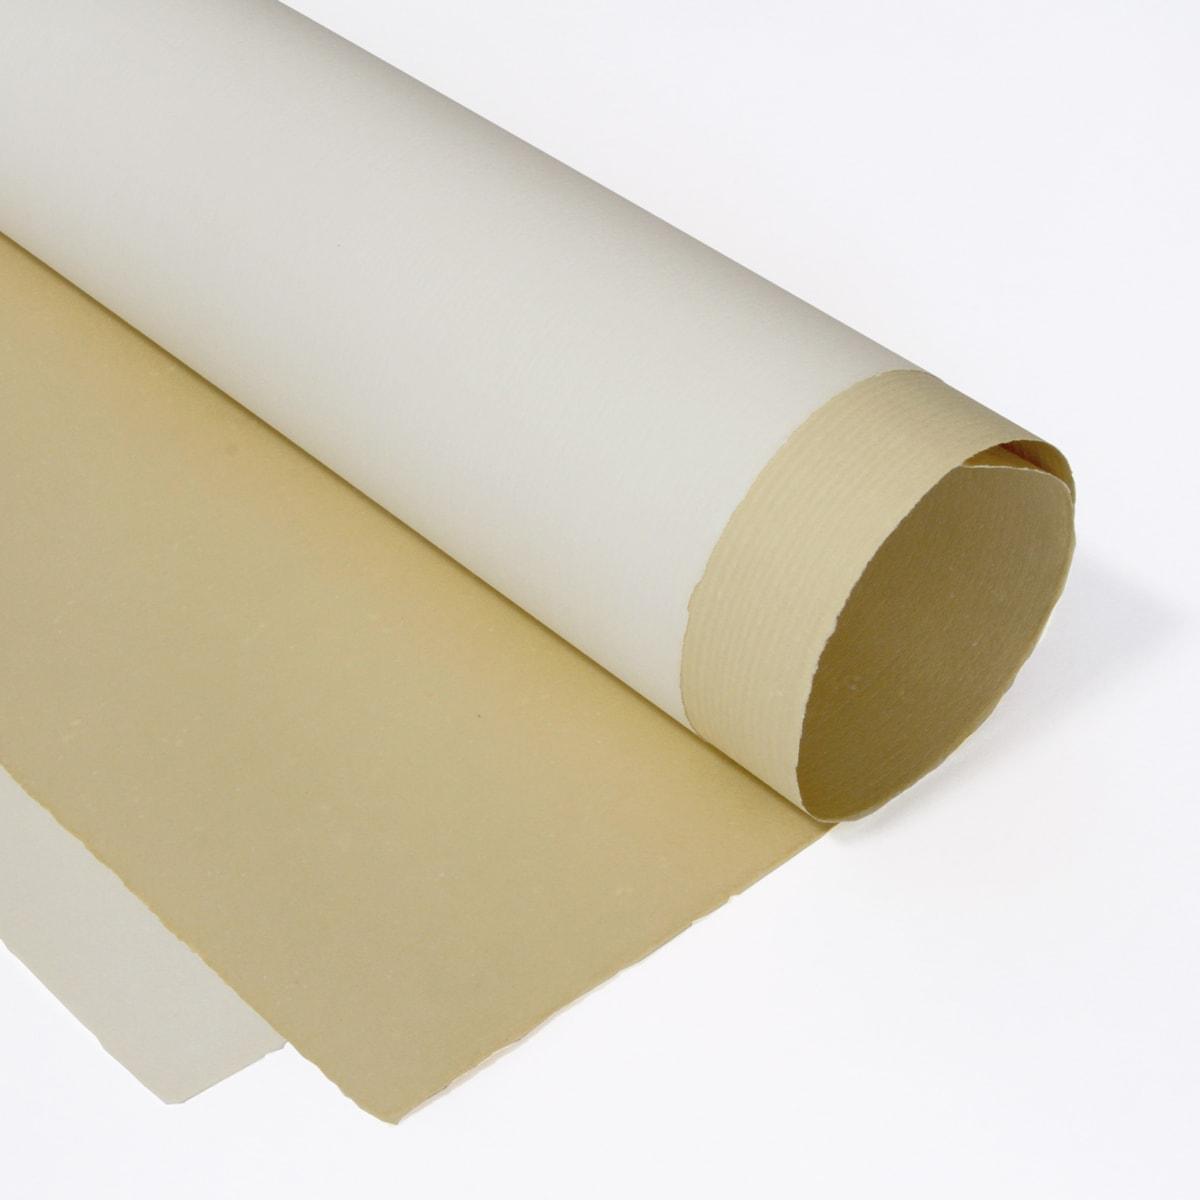 Fabriano paper